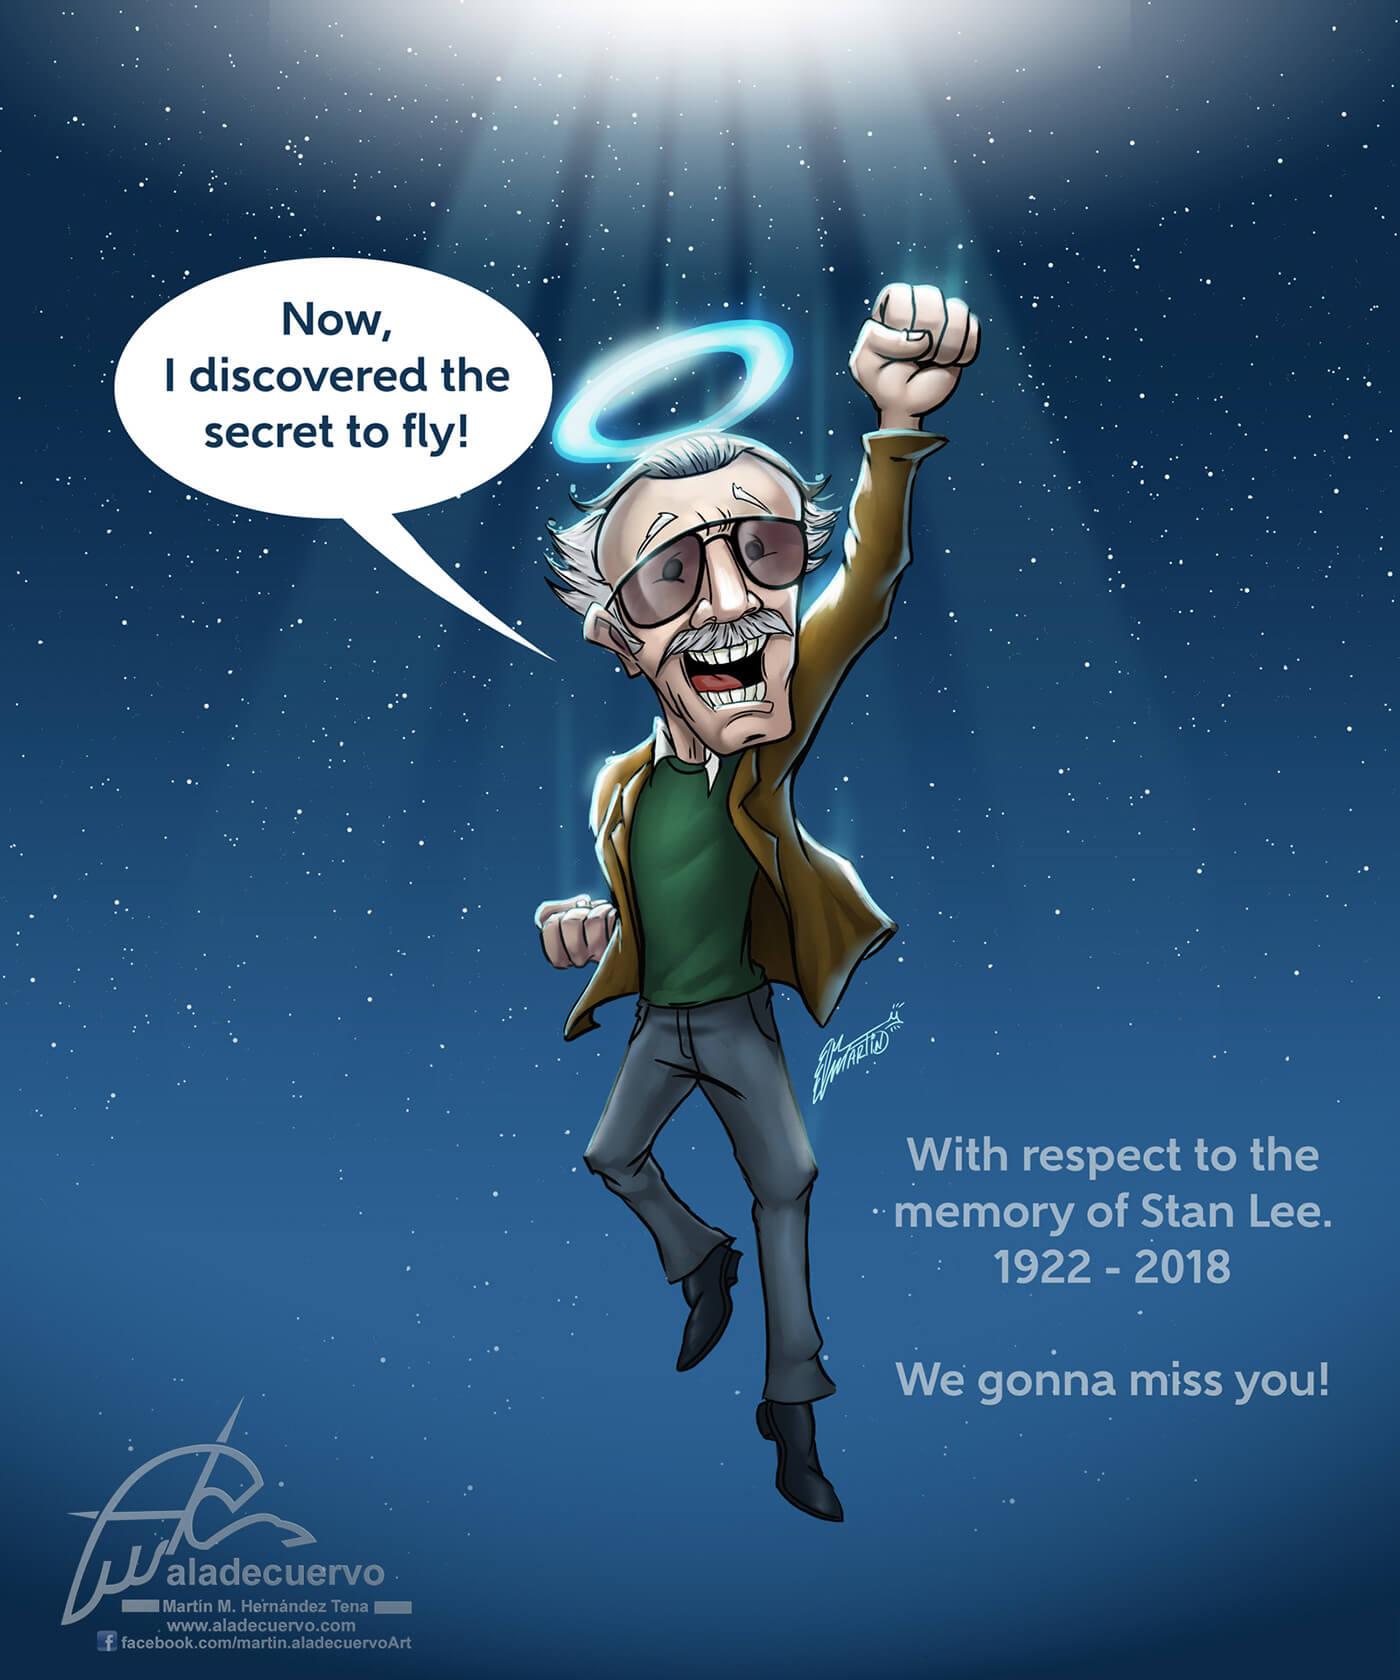 大师:设计界纪念STAN LEE,一个时代的总结,我们想念你。-BlueDotCC, 蓝点文化创意